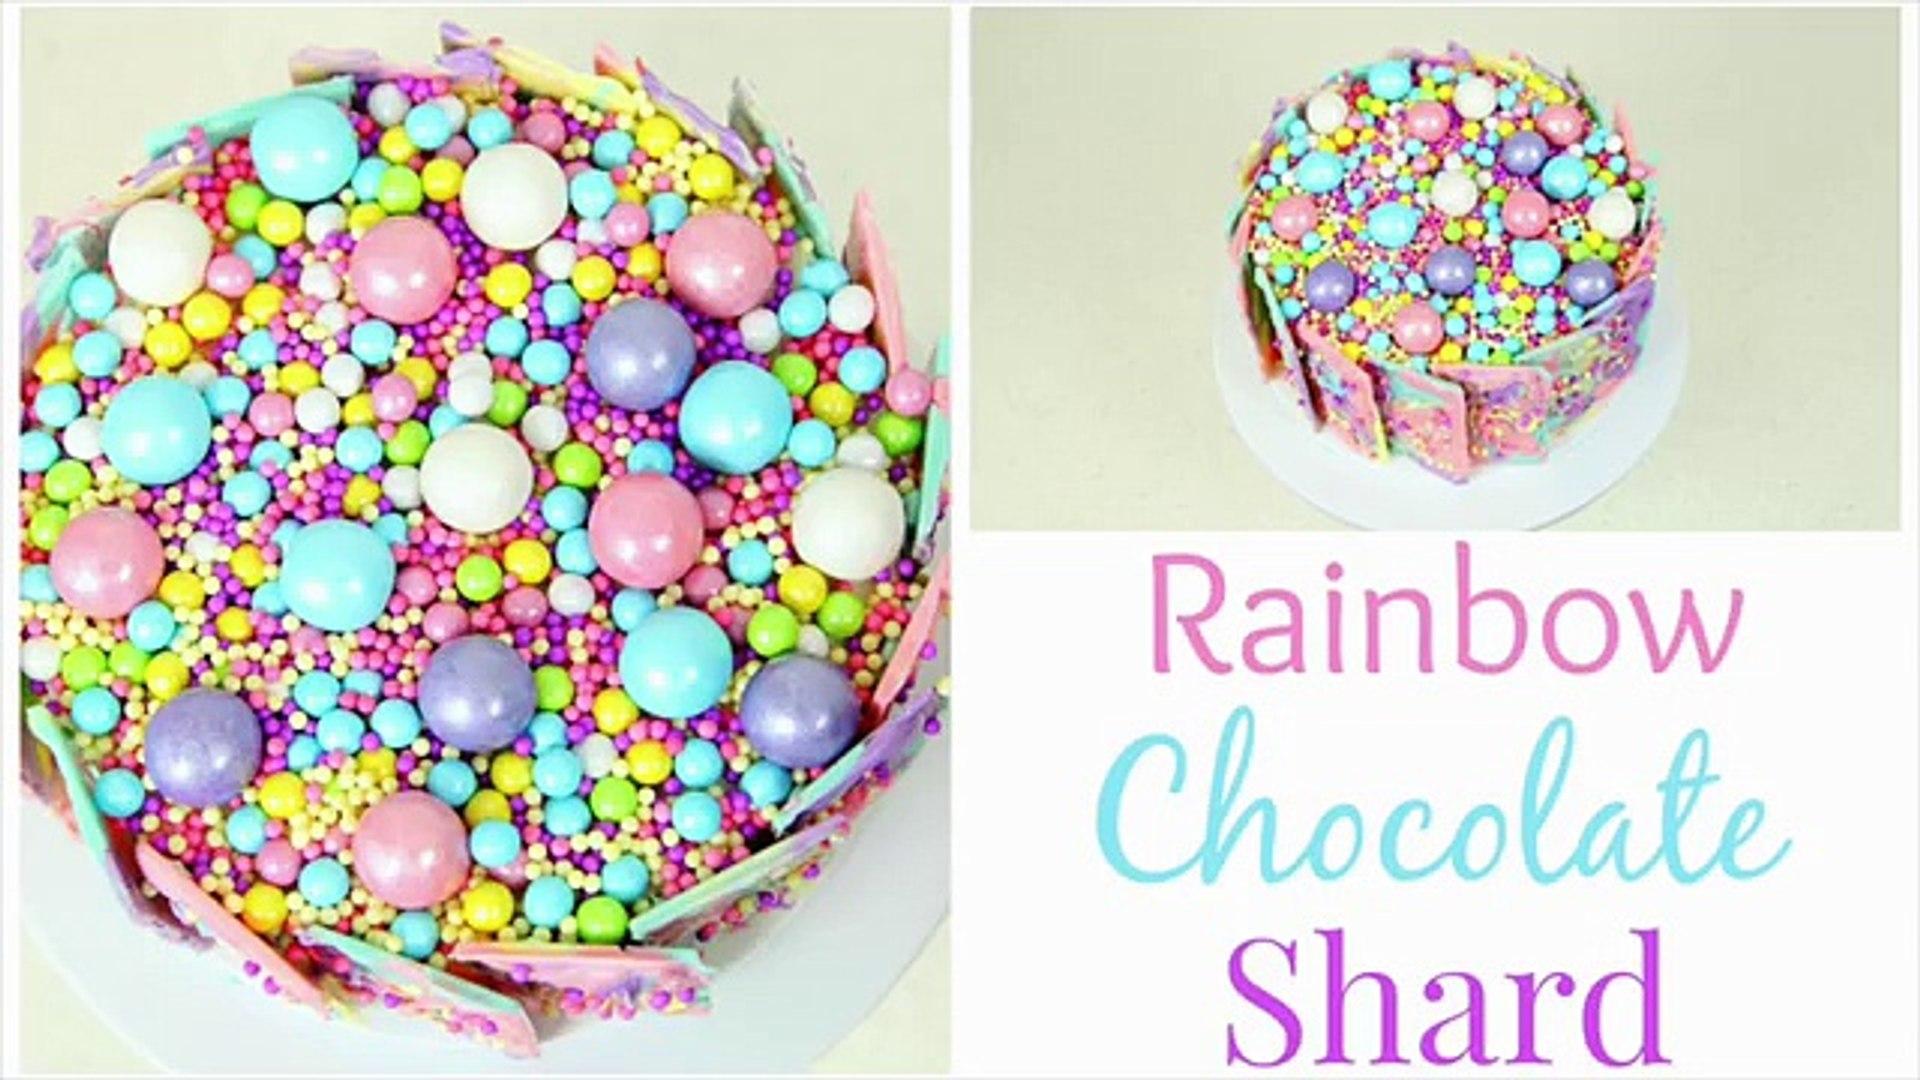 Most Amazing Rainbow Cakes - CAKE Compilation